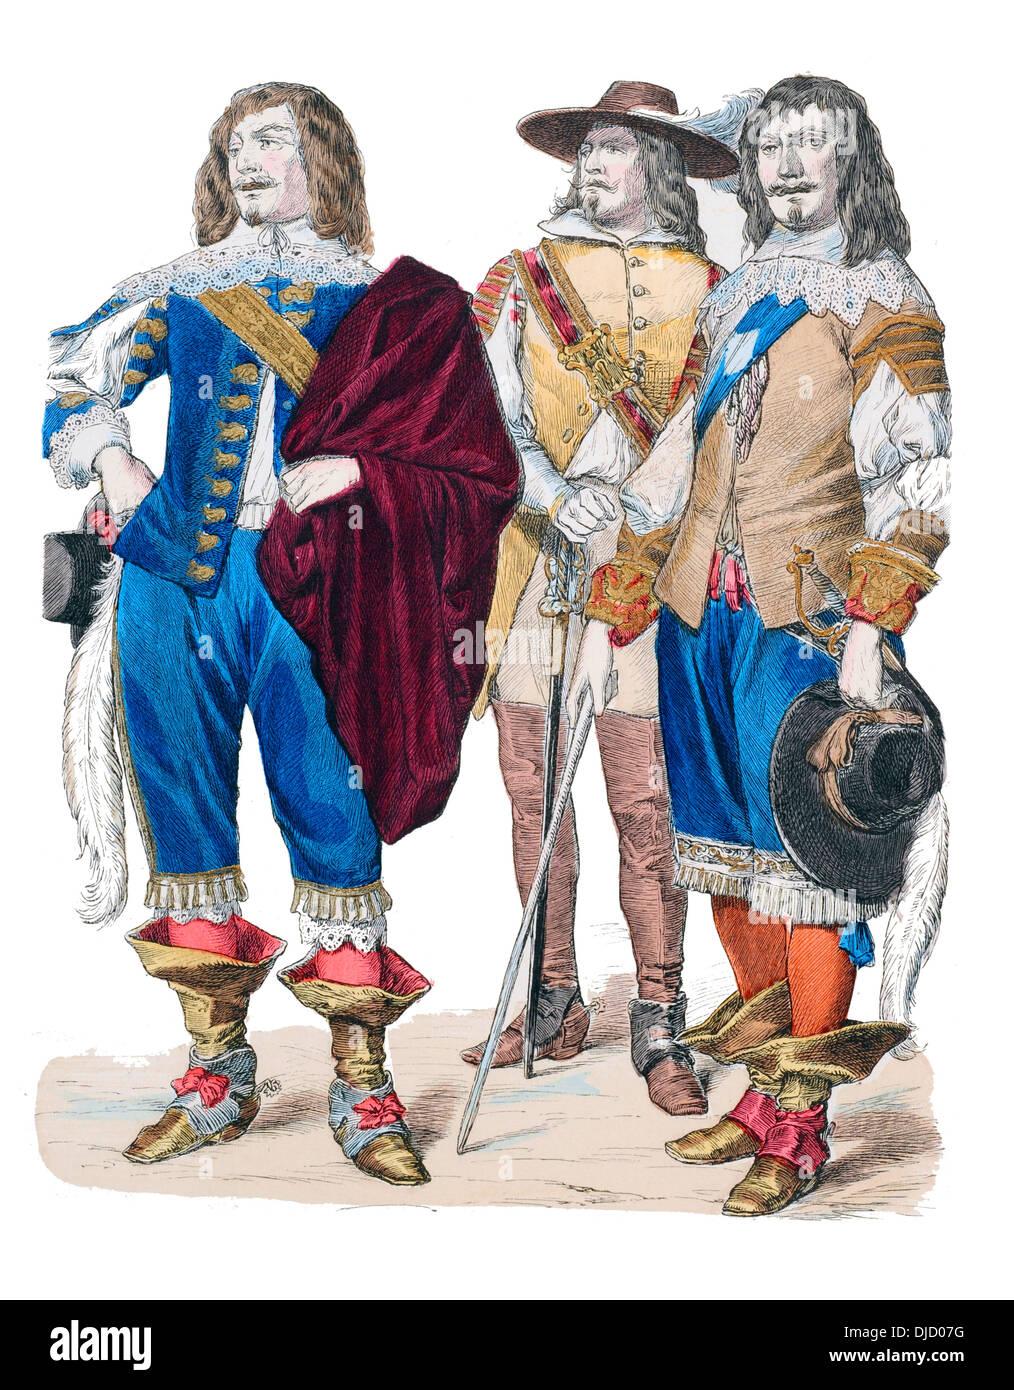 17 Jahrhundert Bild Architektur: 17. Jahrhundert XVII Der 1600er Englischen Adeligen Kostüm